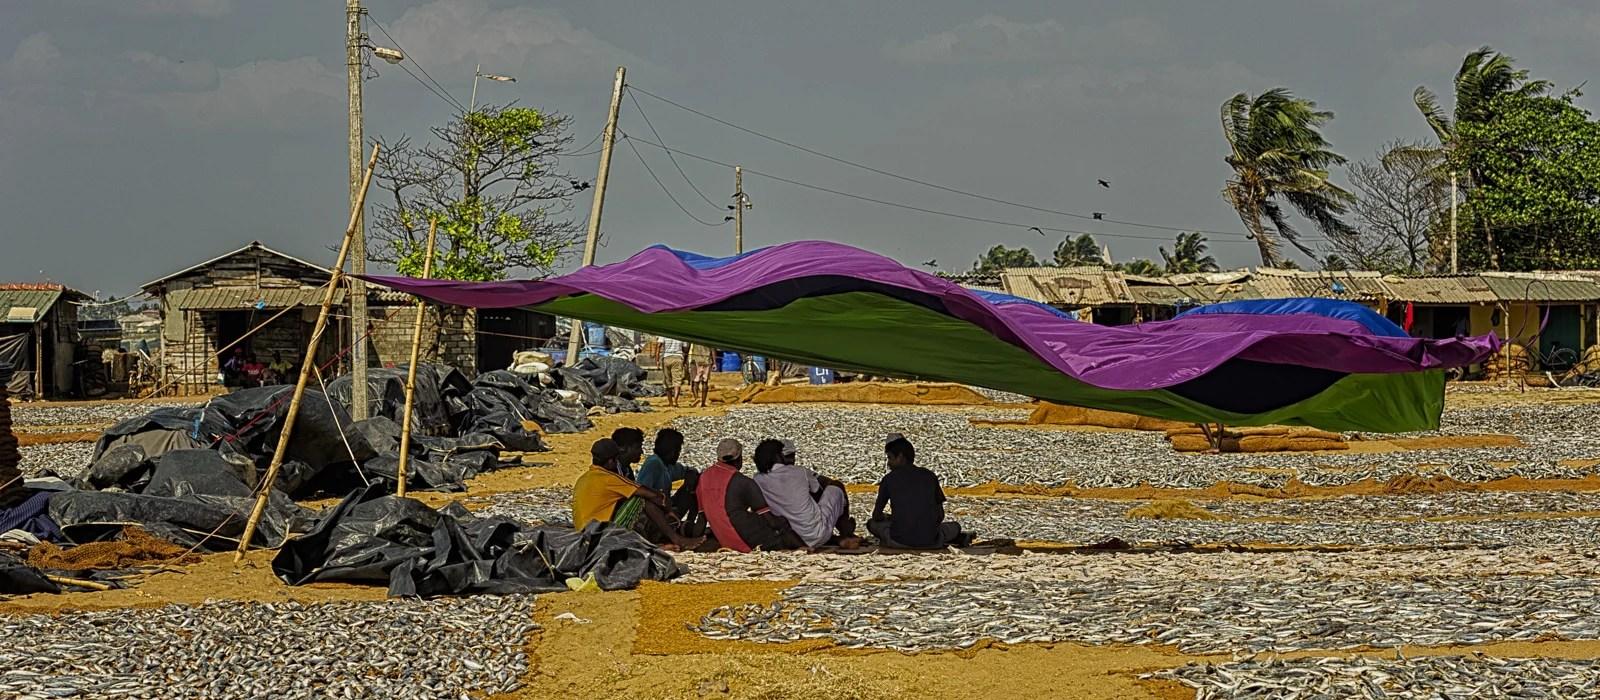 img-diapo-entete - Sri-Lanka-1600x700-11.jpg